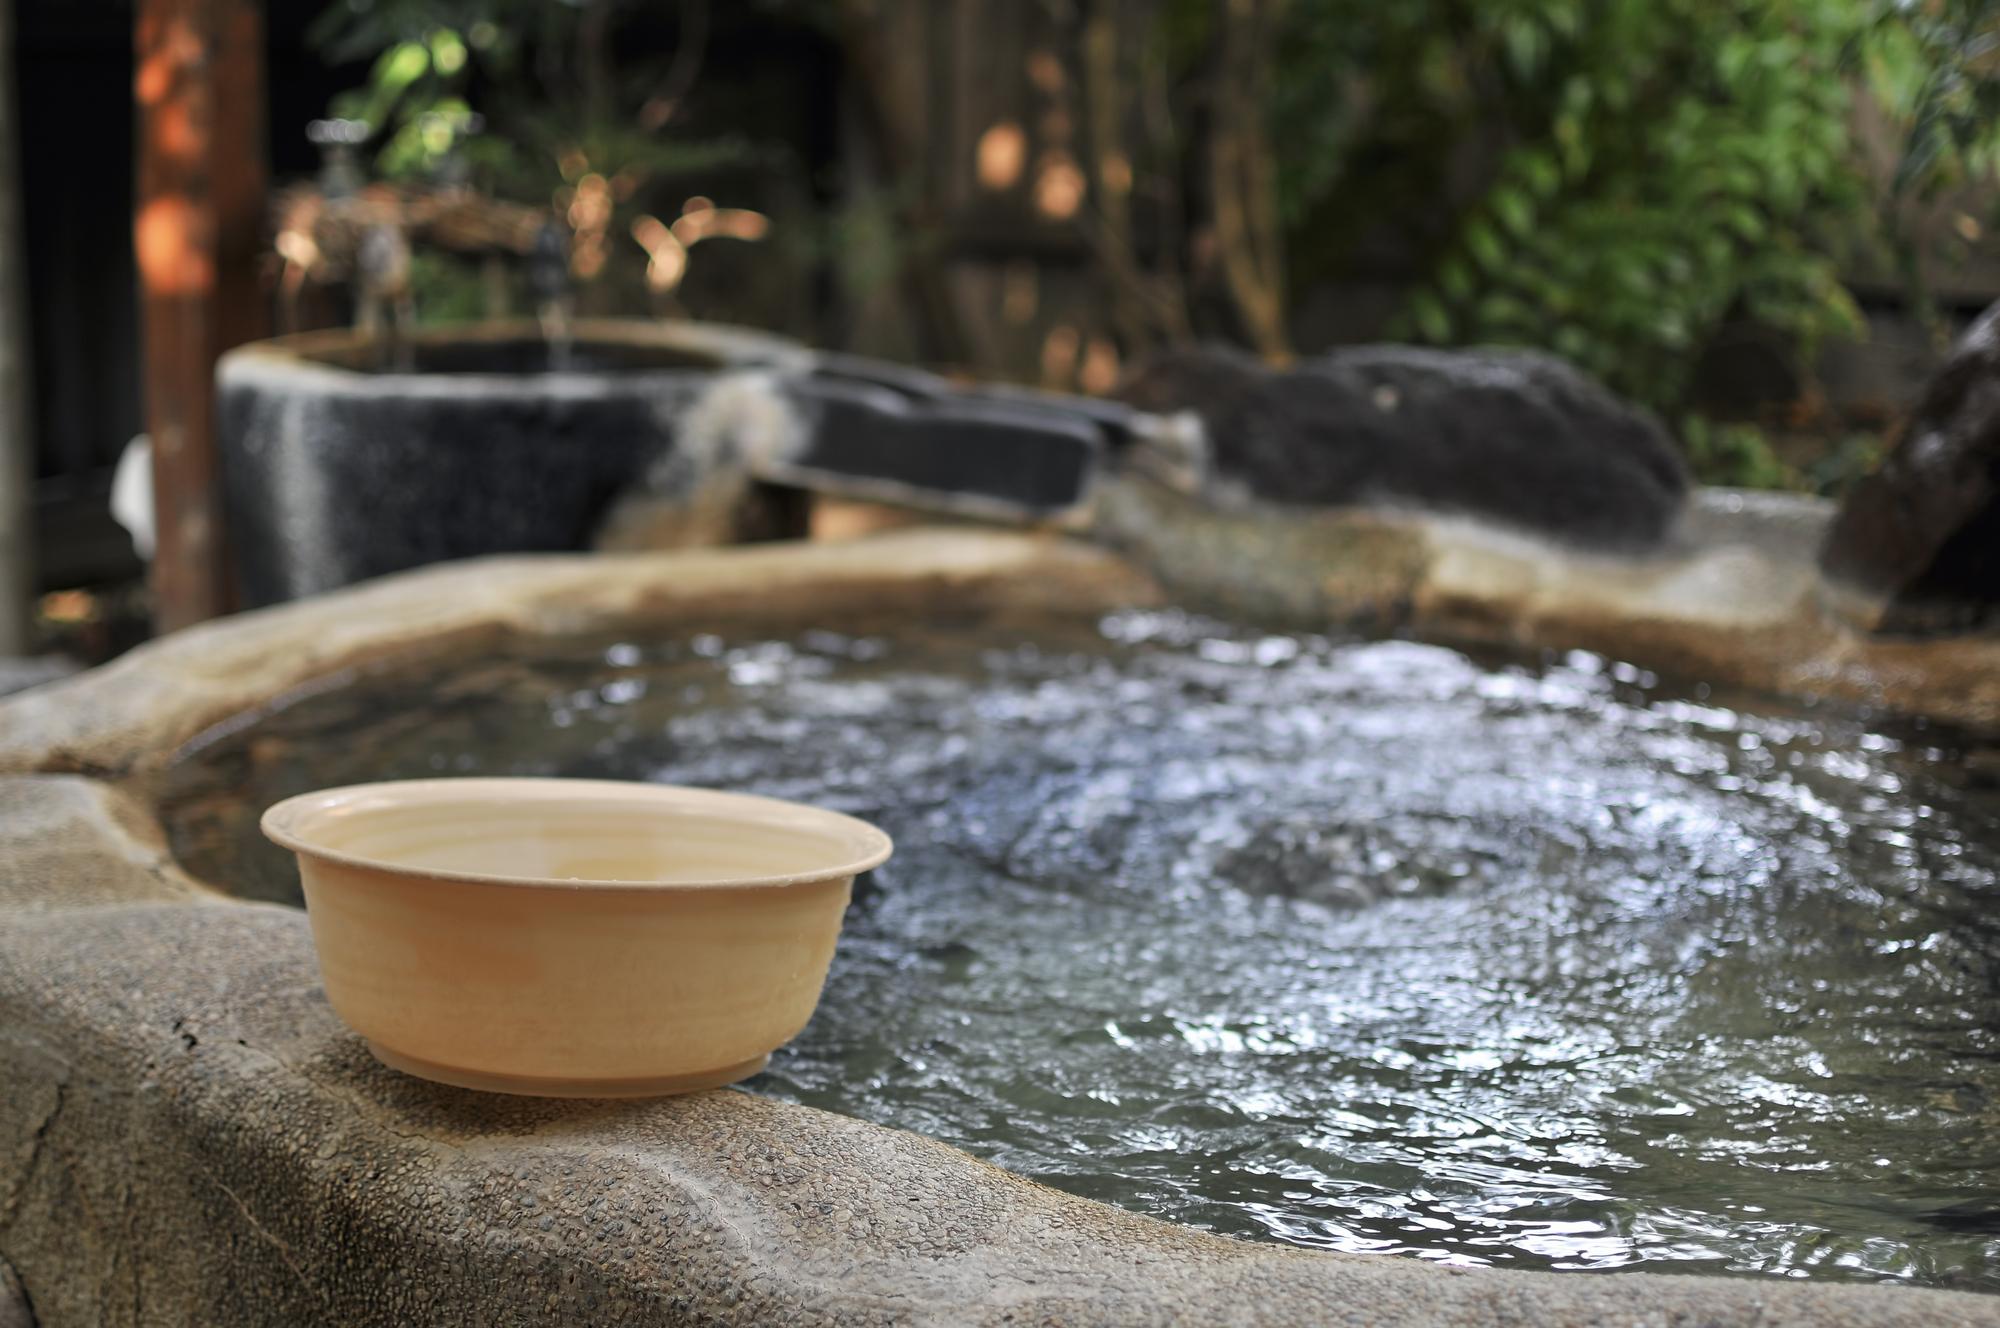 温泉 お風呂 桶 露天風呂